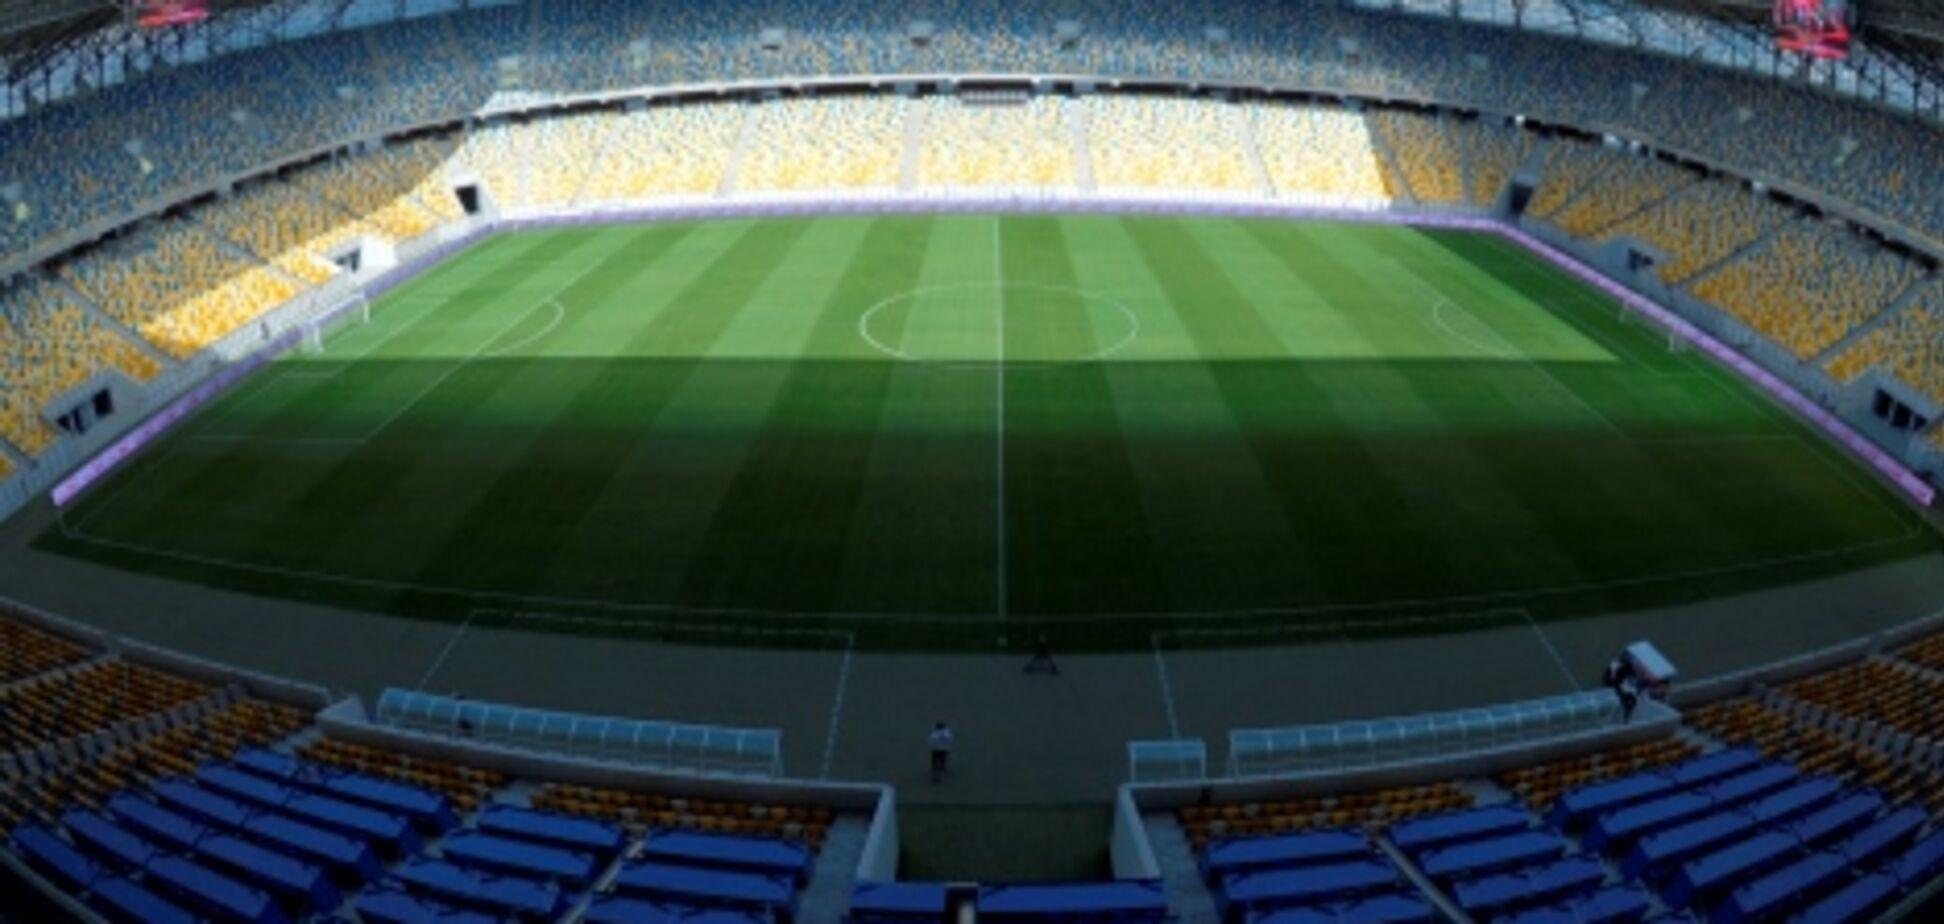 Официально. ФИФА разбанила один из крупнейших стадионов Украины